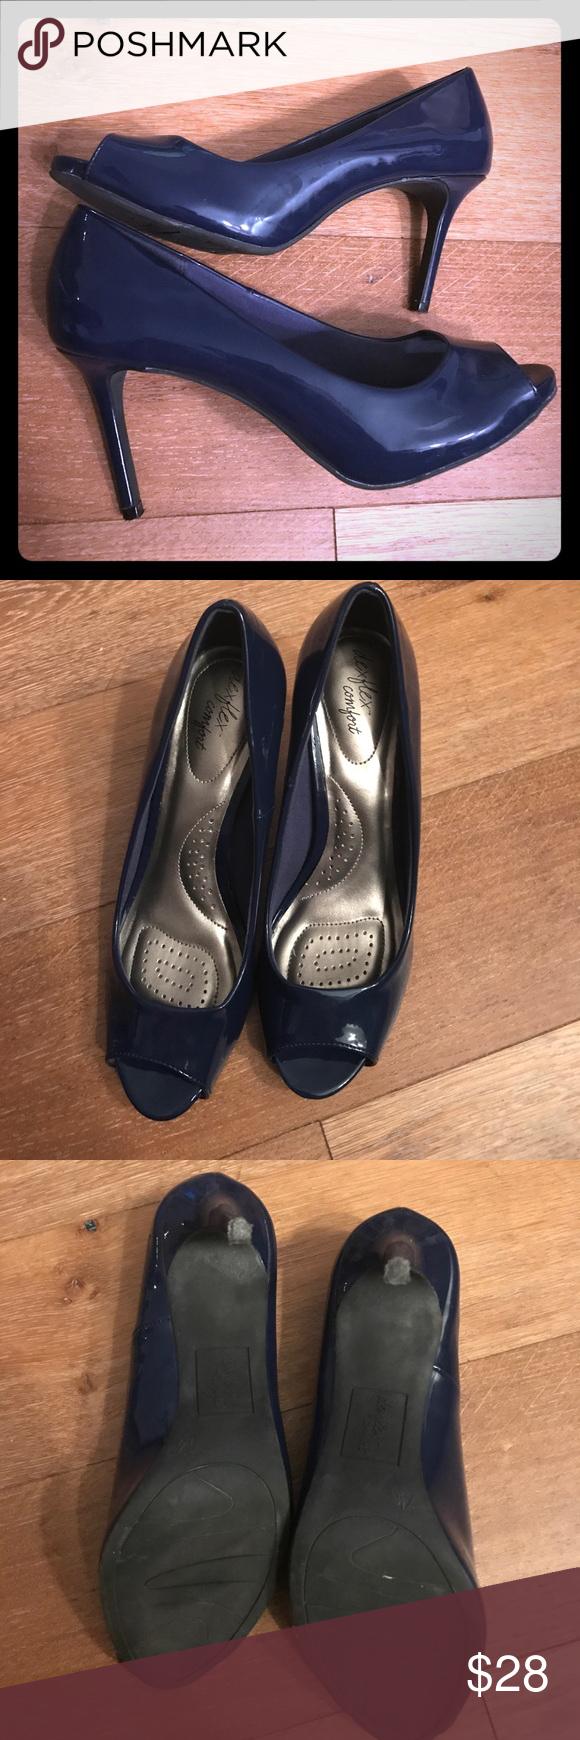 8941e68da8 Dexflex navy blue peep toe heels Dexflex navy blue peep toe heels - worn  once. Runs a bit big. Very comfortable heel. Payless Shoes Heels